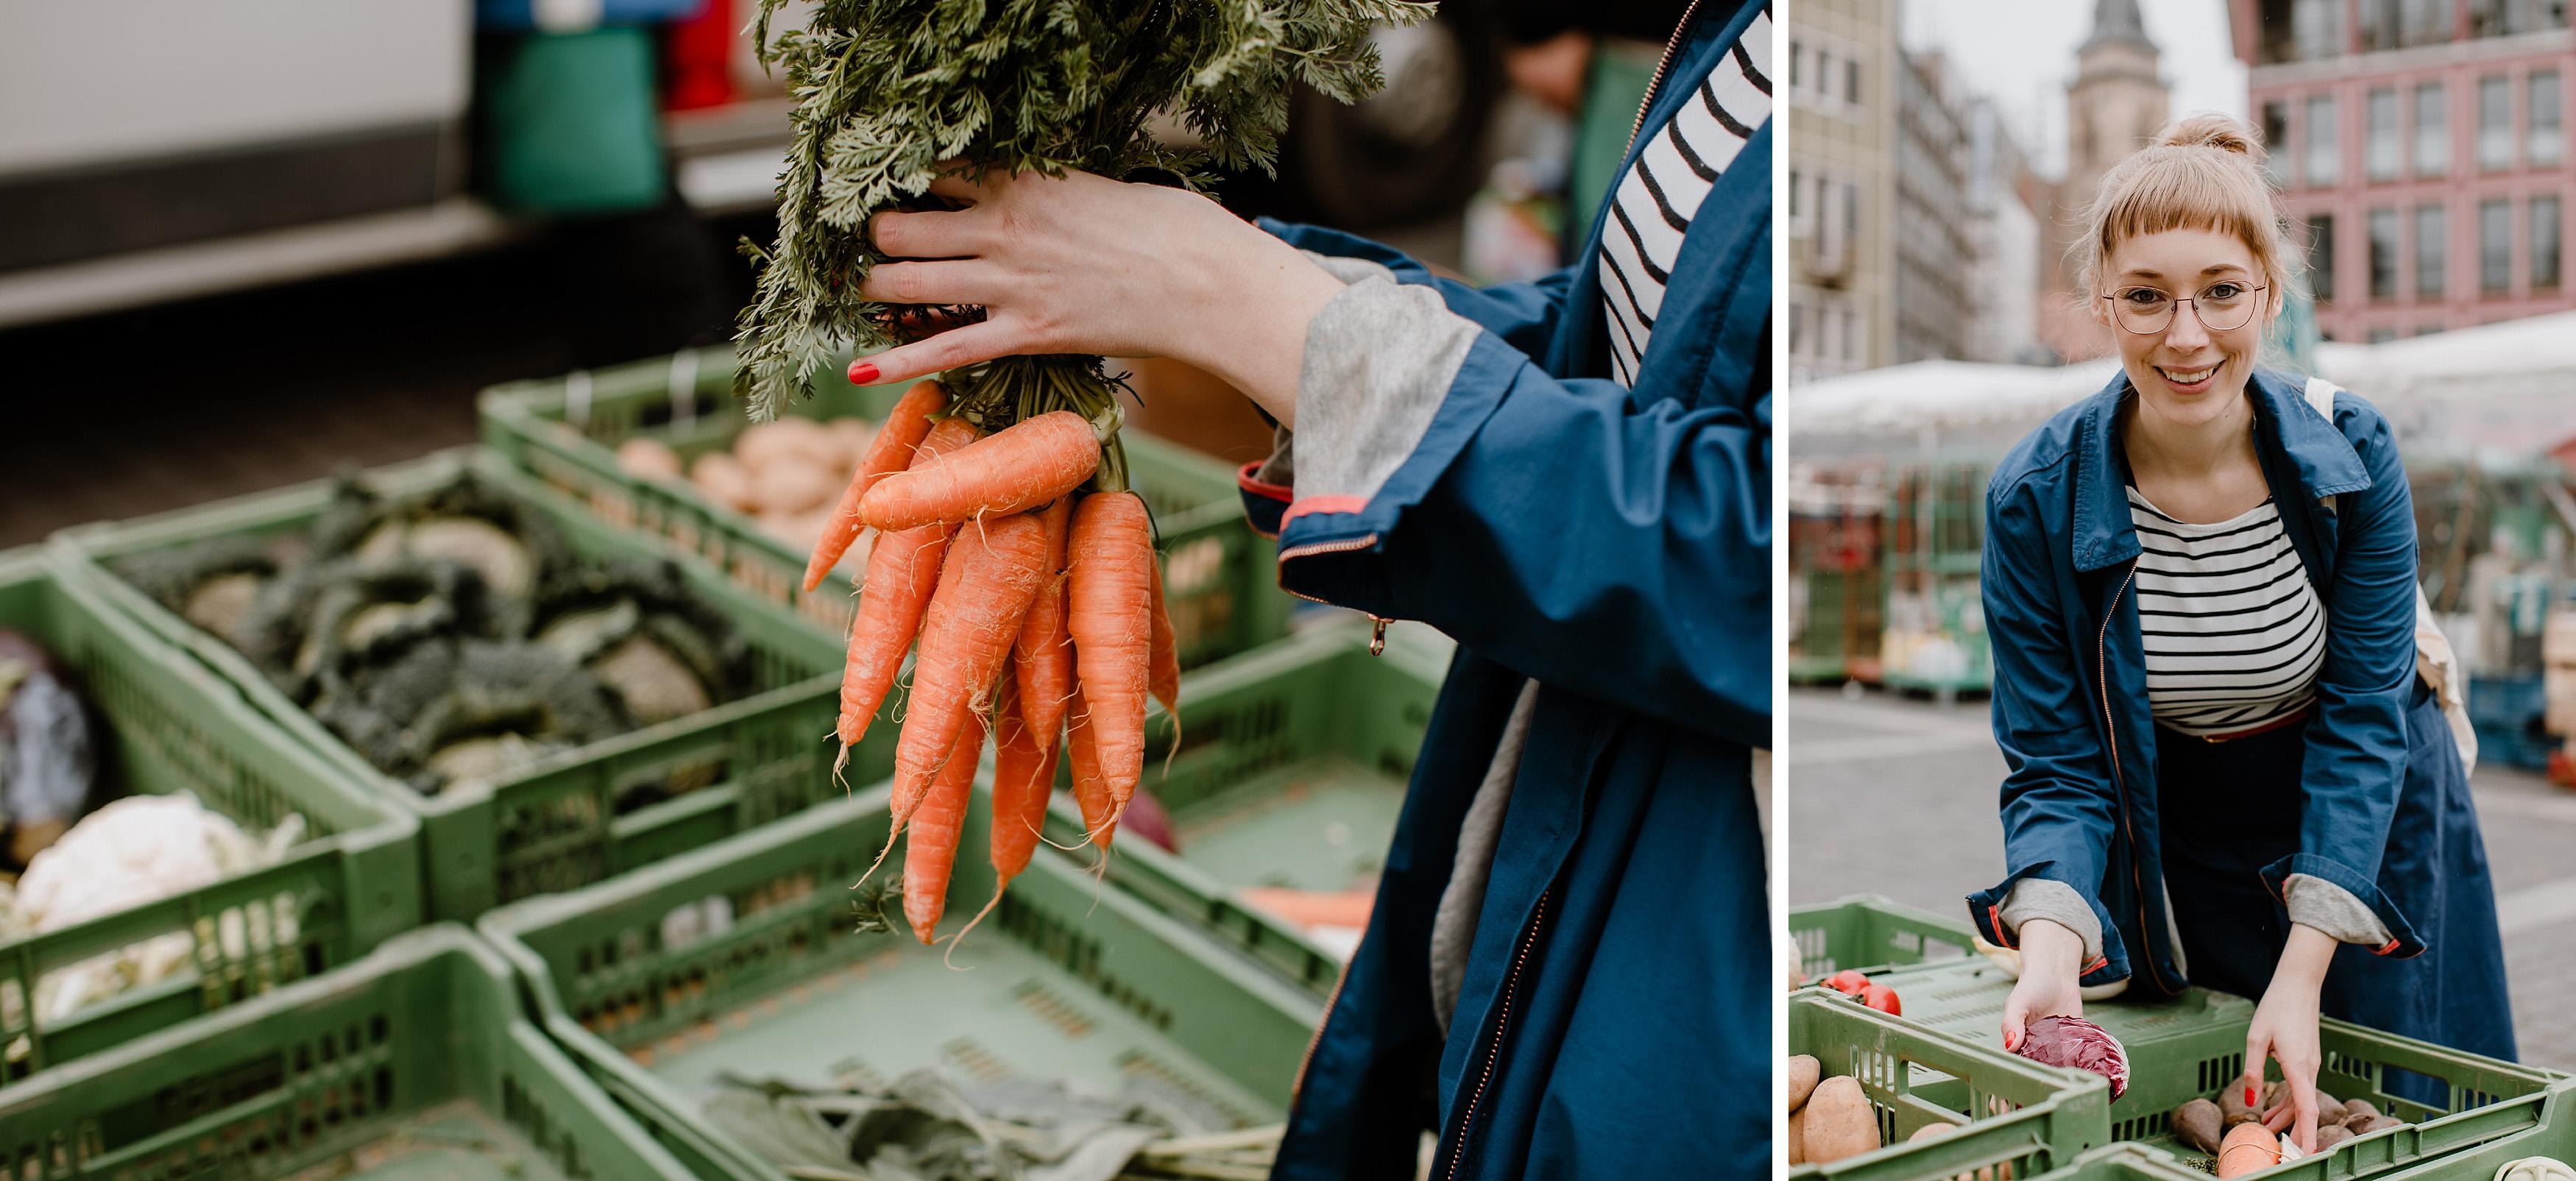 Holunderweg18 - der Foodblog für vegetarische Rezepte aus Stuttgart. Natalie Friedrich, Foto: Julia Pommerenke